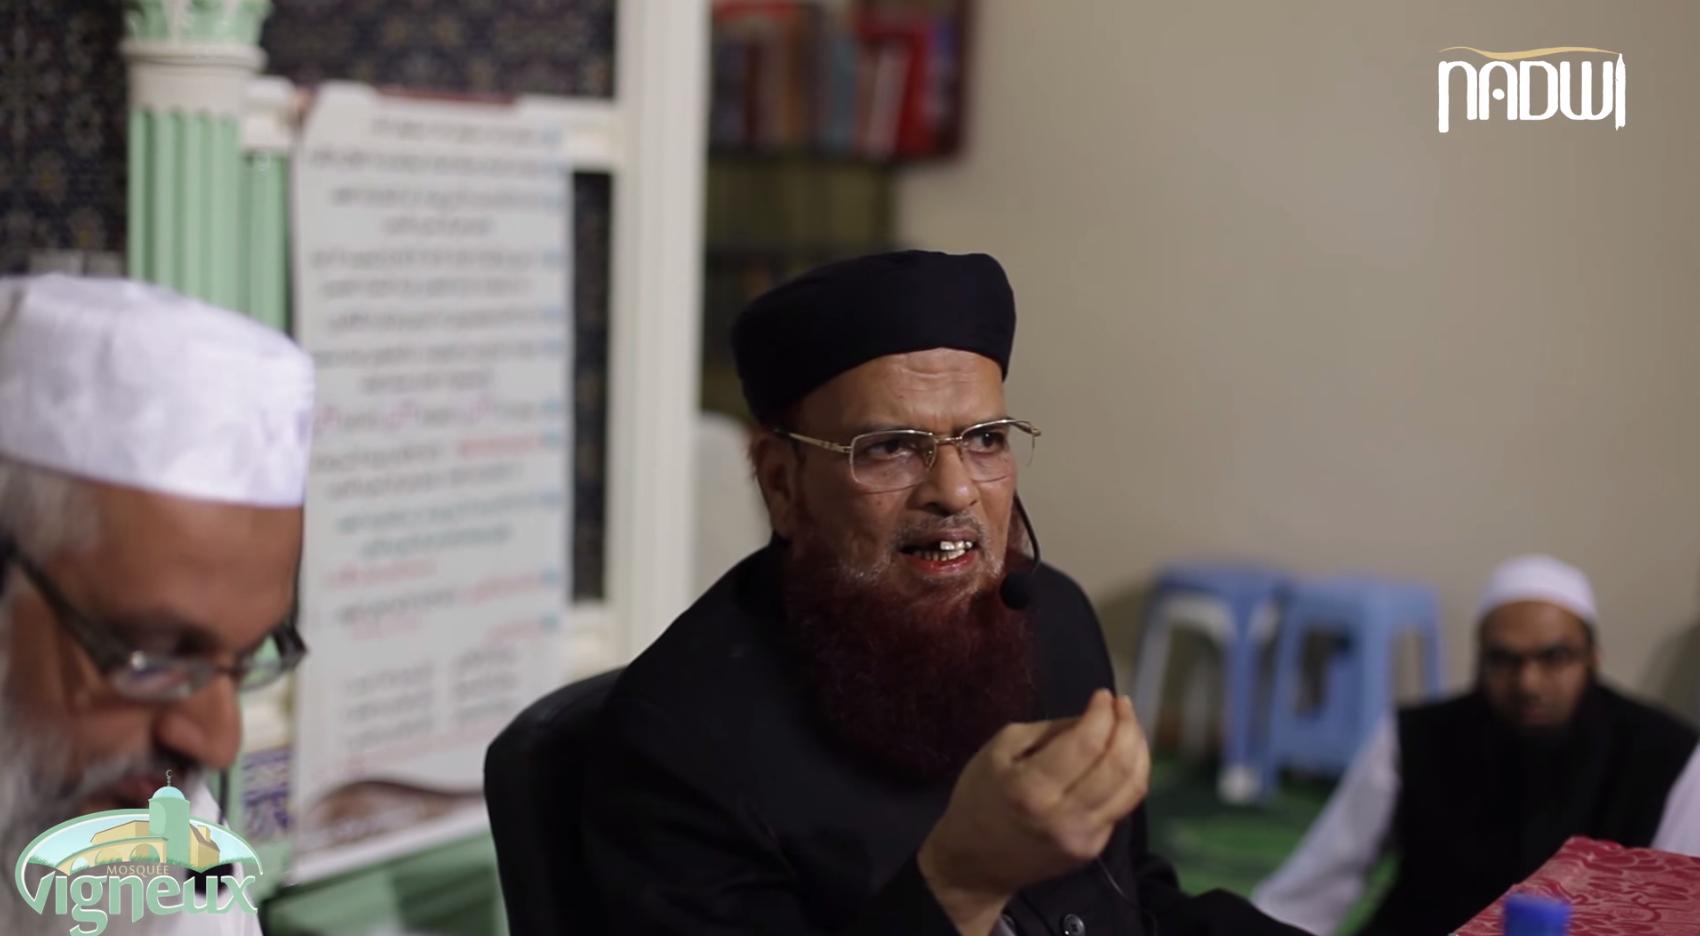 Mufti Taqi